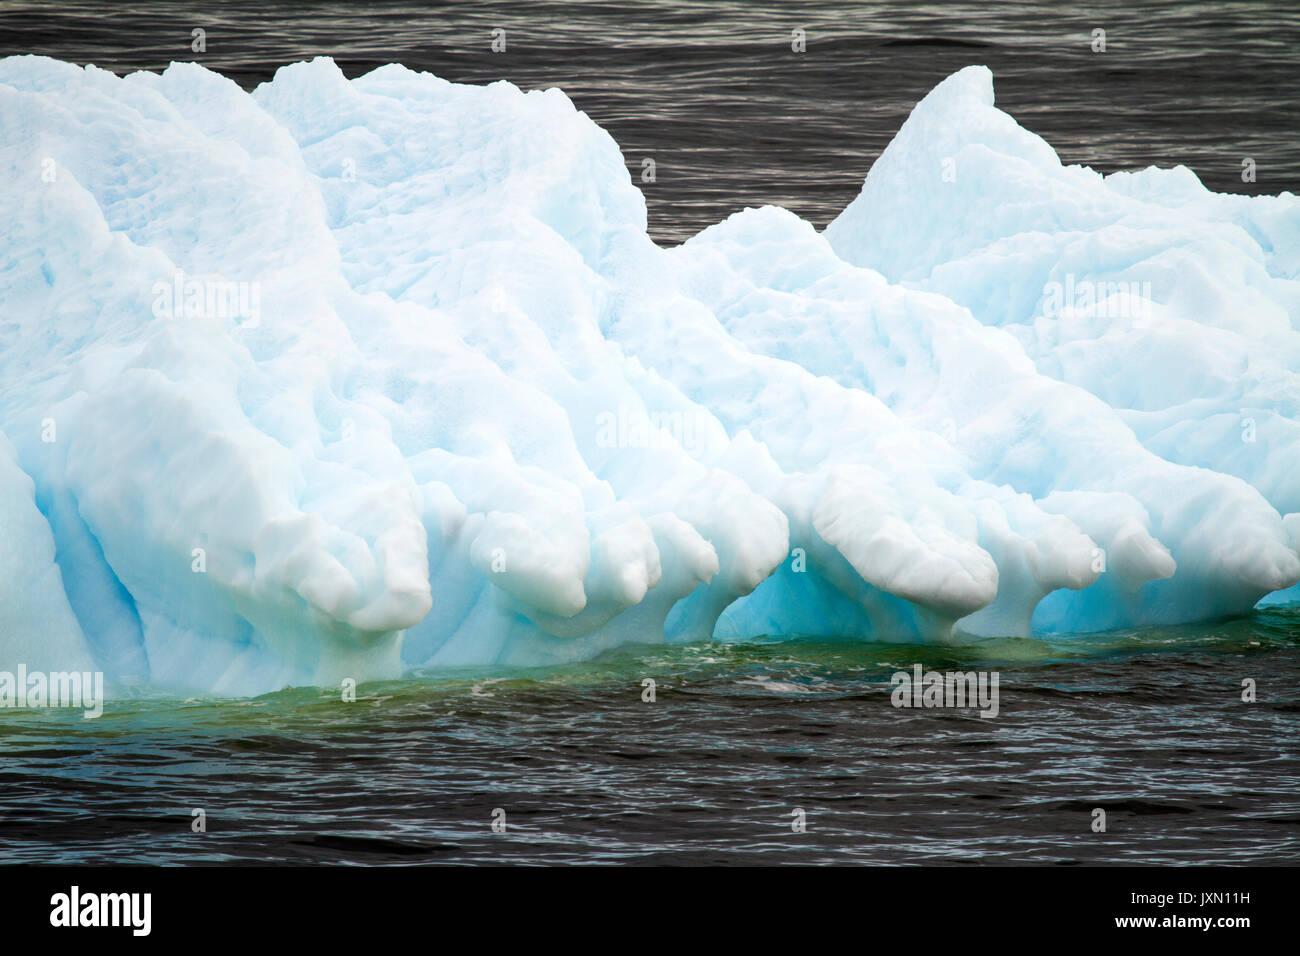 La Antártida - hielo flotante - El Calentamiento Global Imagen De Stock